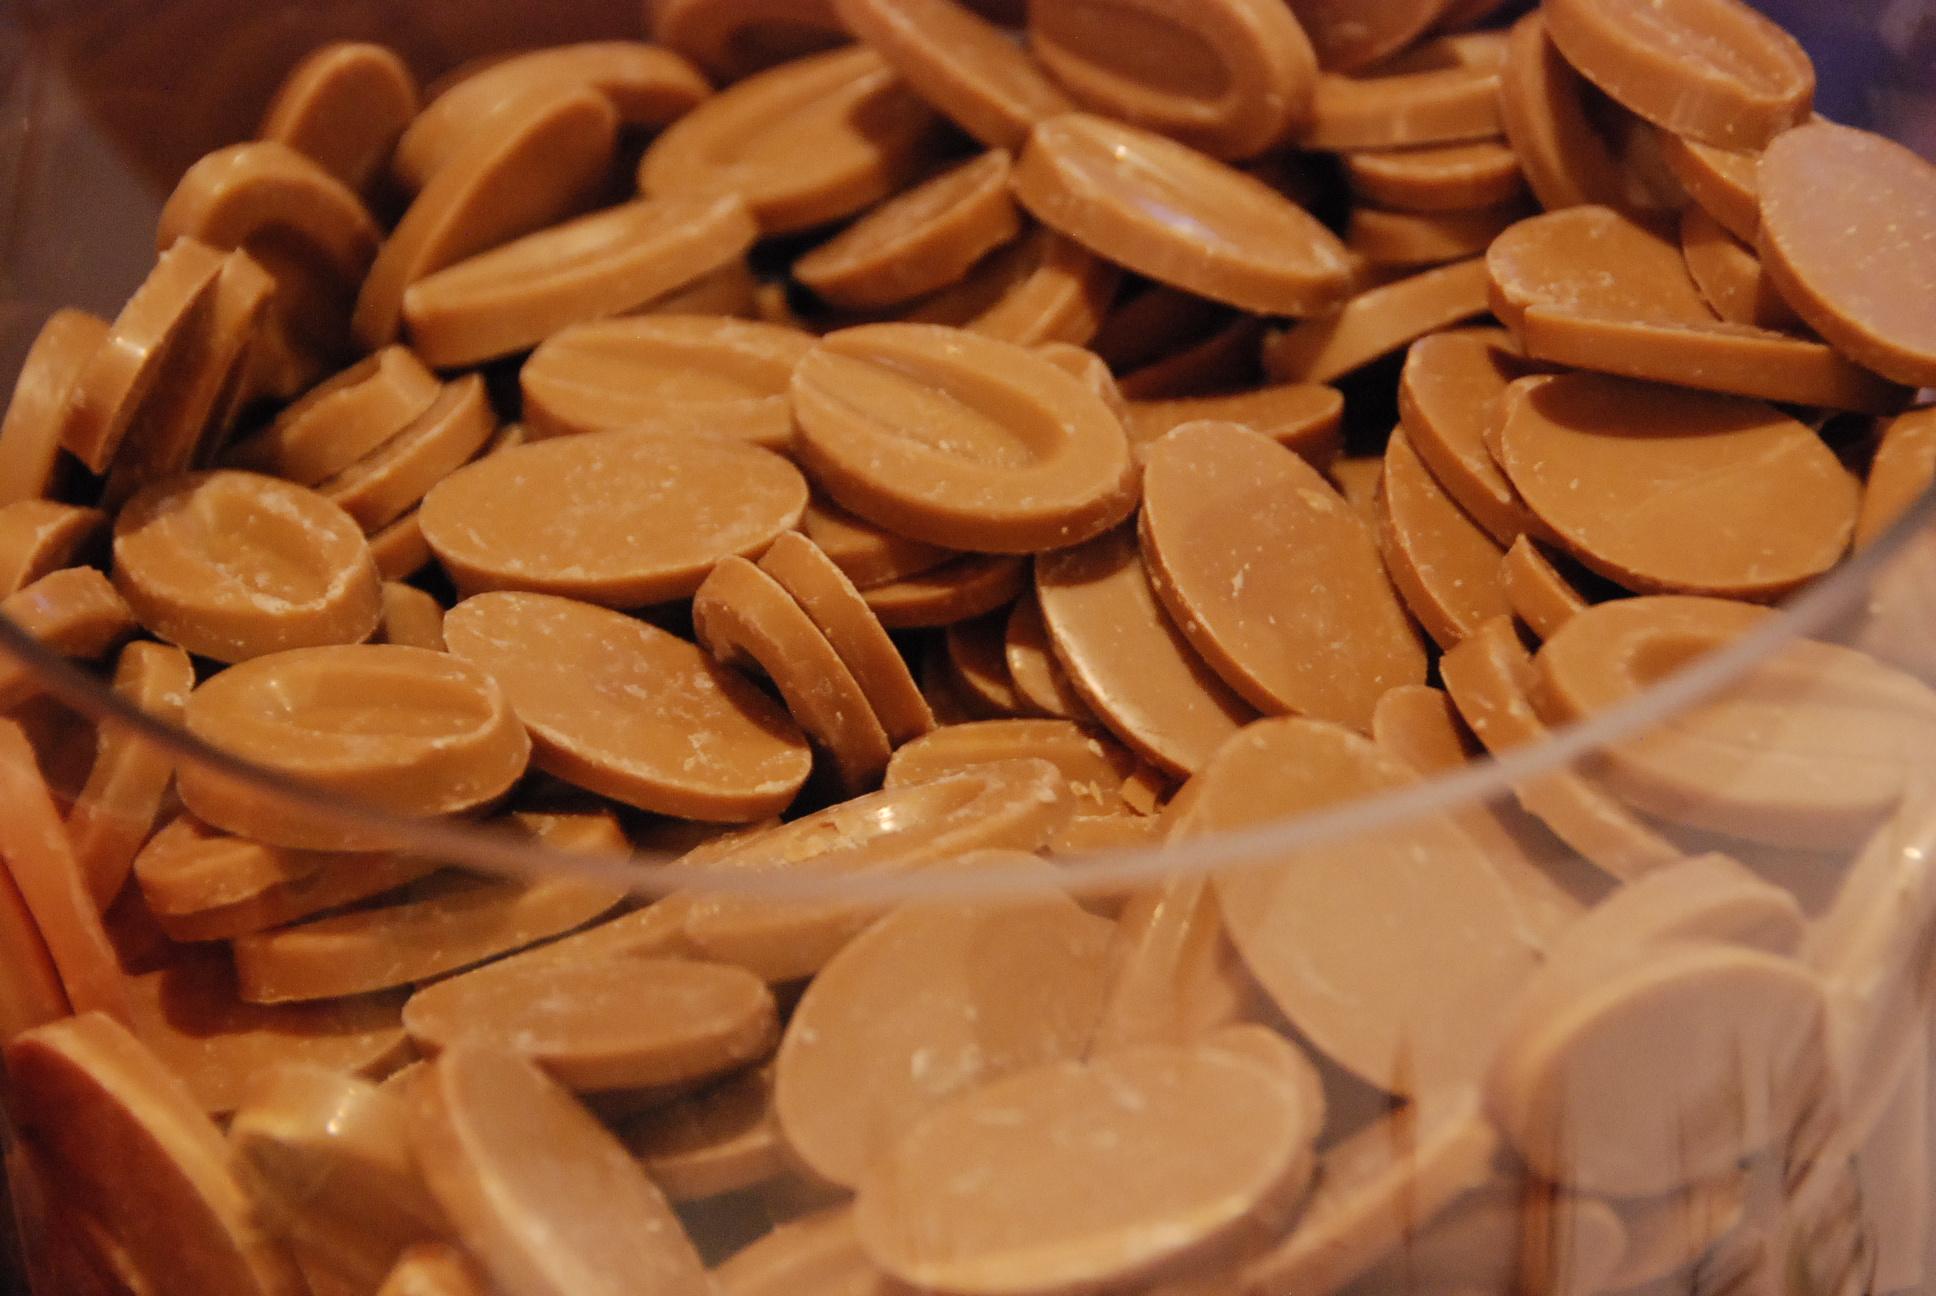 Chocolat dulcey